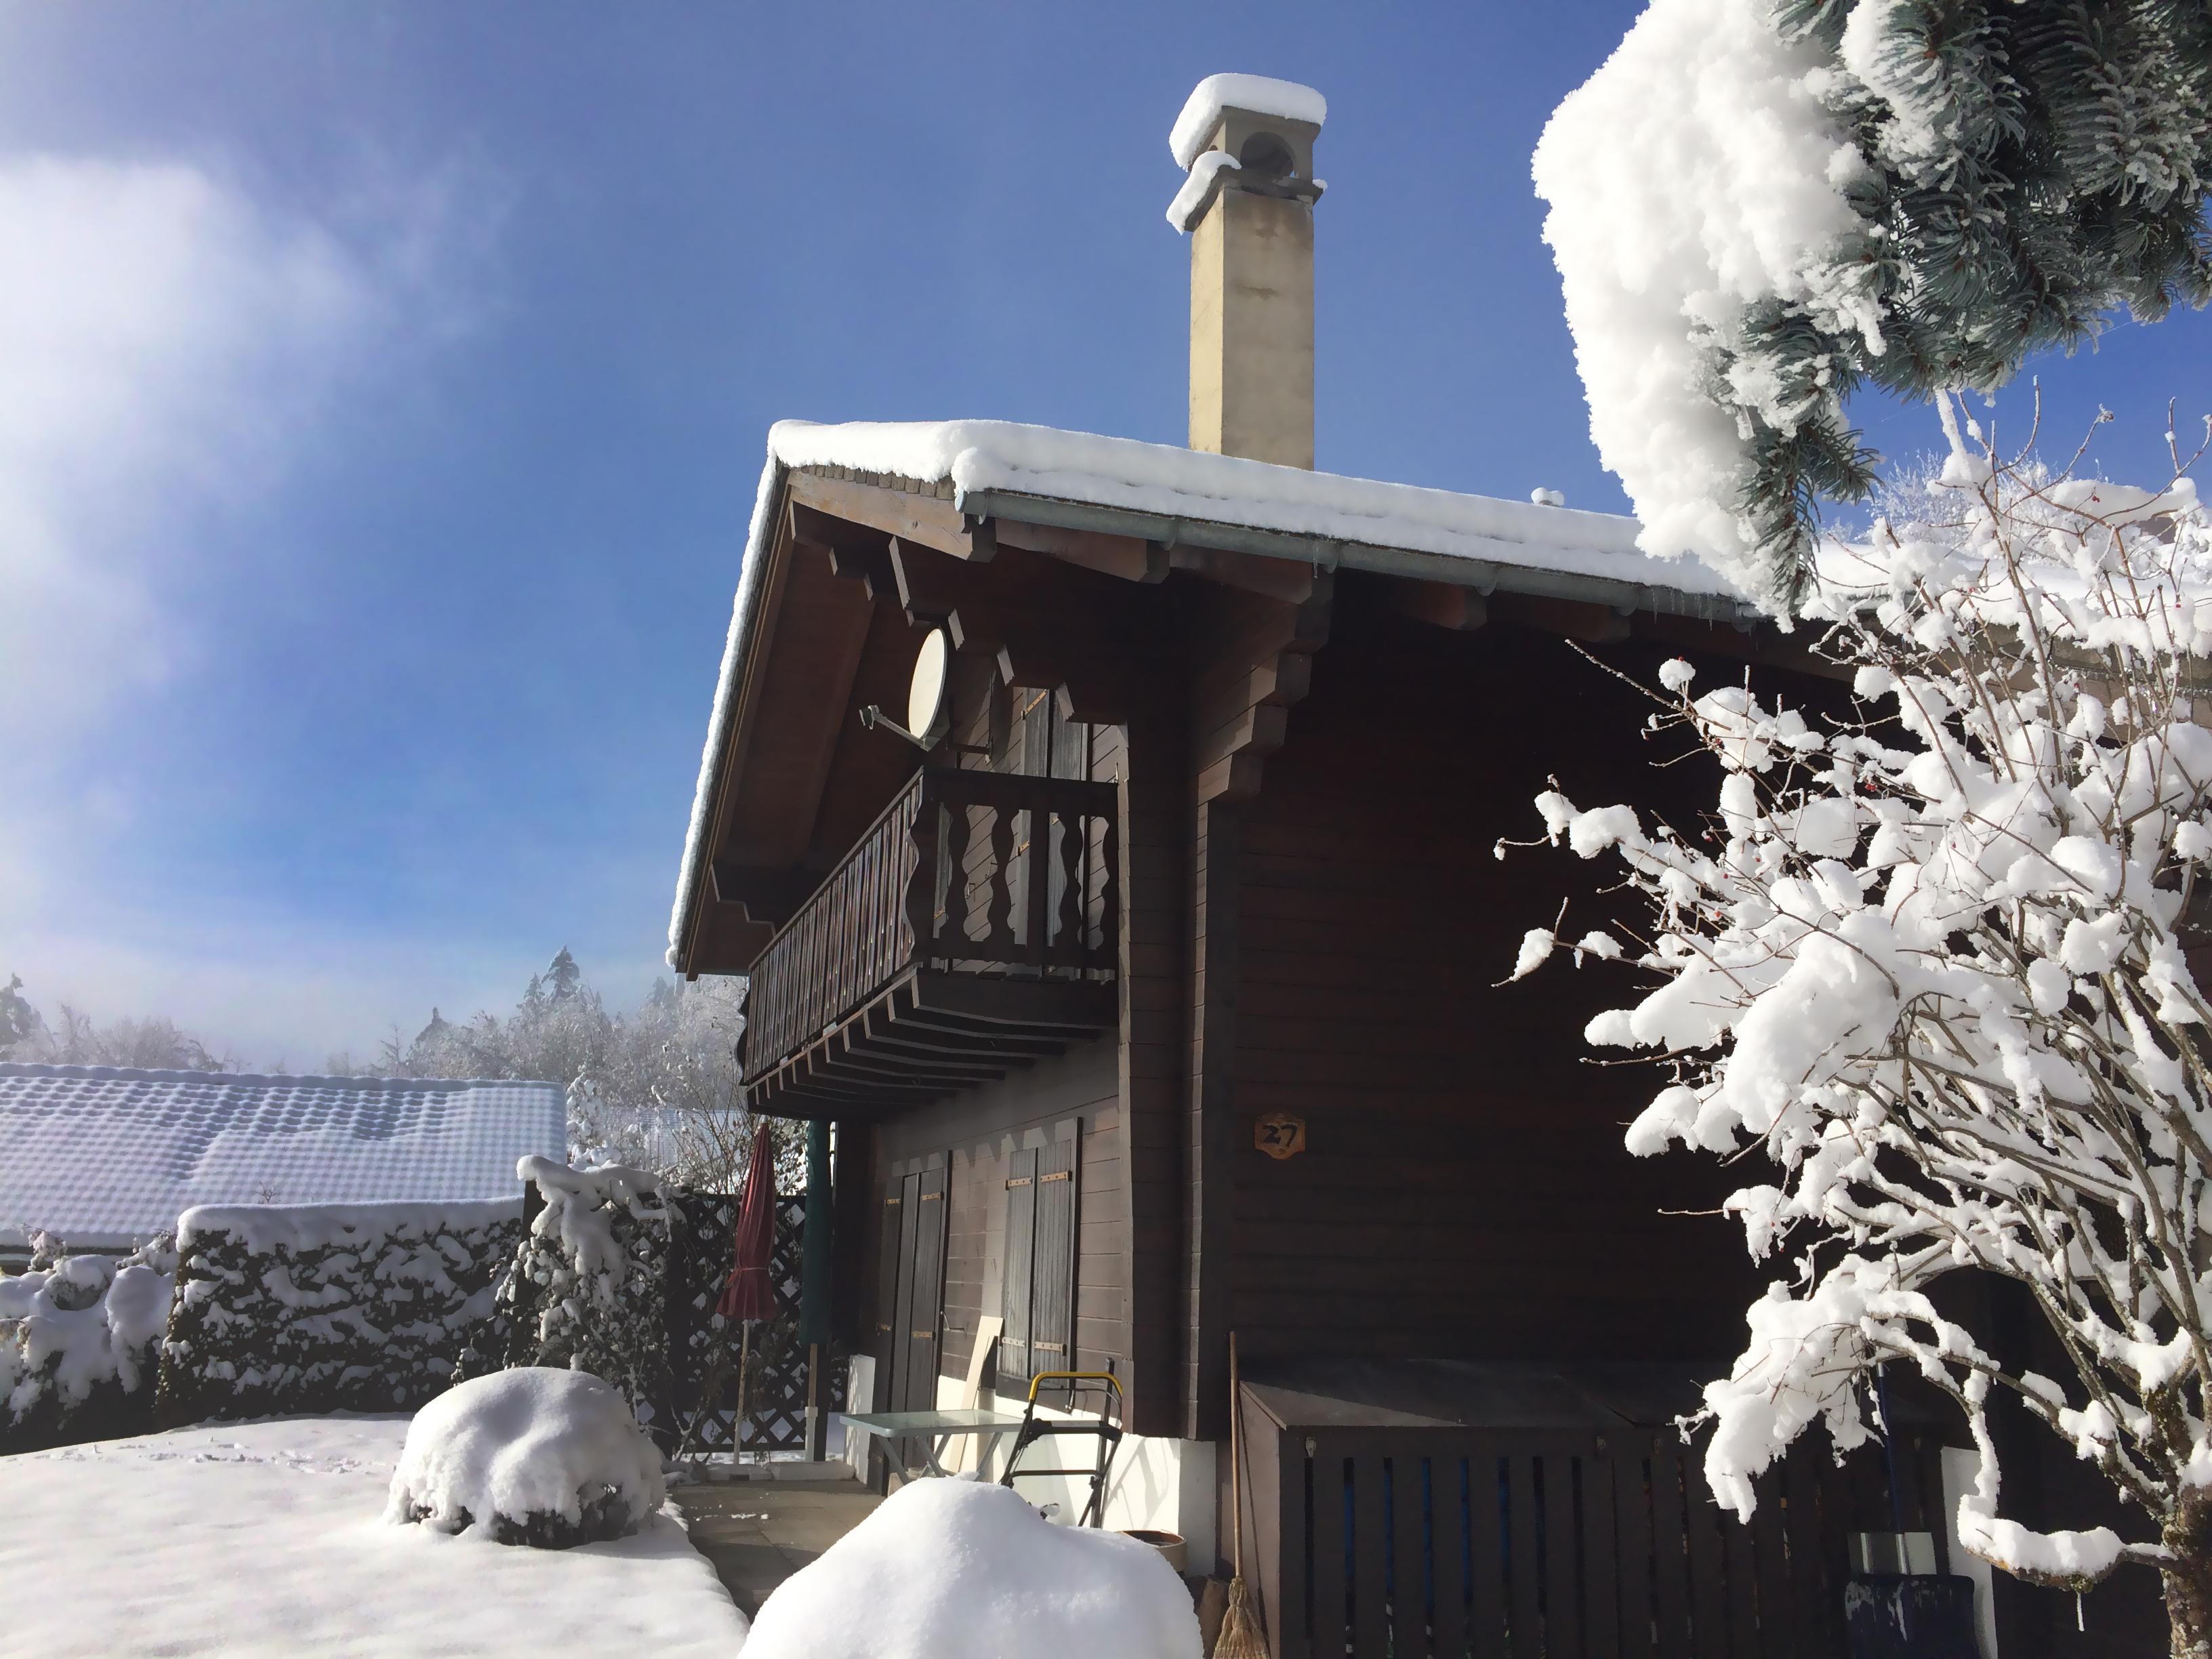 Jura, Suisse Réservez votre location de vacances | Interhome